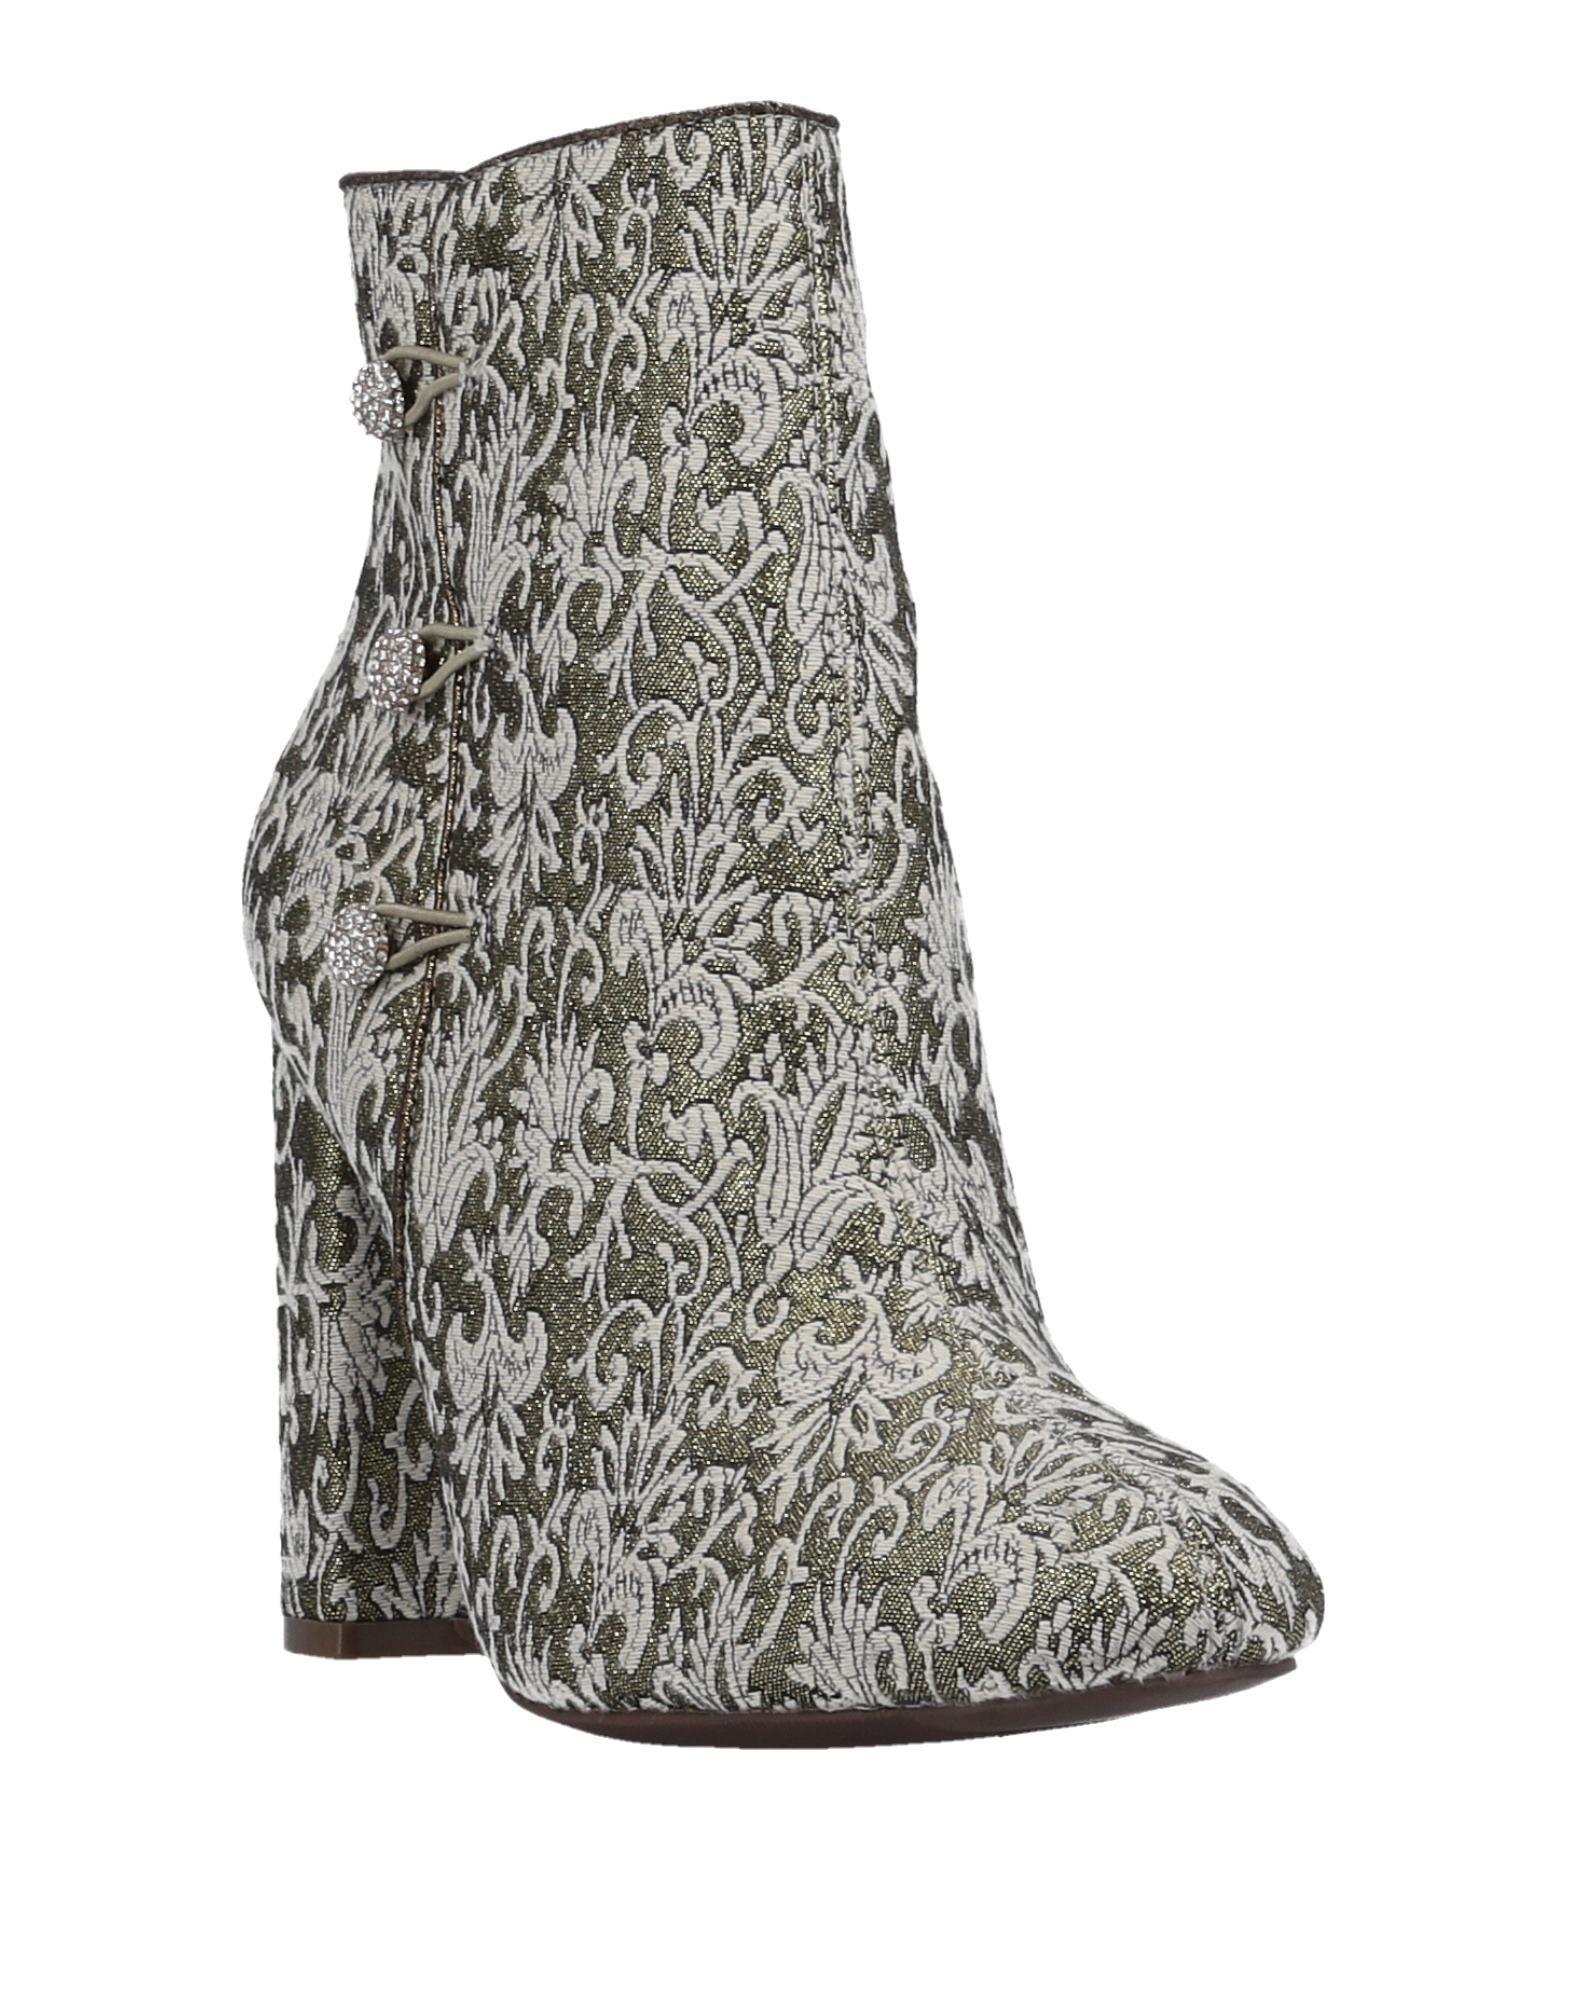 Nina New York Stiefelette Damen beliebte  11511537TS Gute Qualität beliebte Damen Schuhe ca6a91